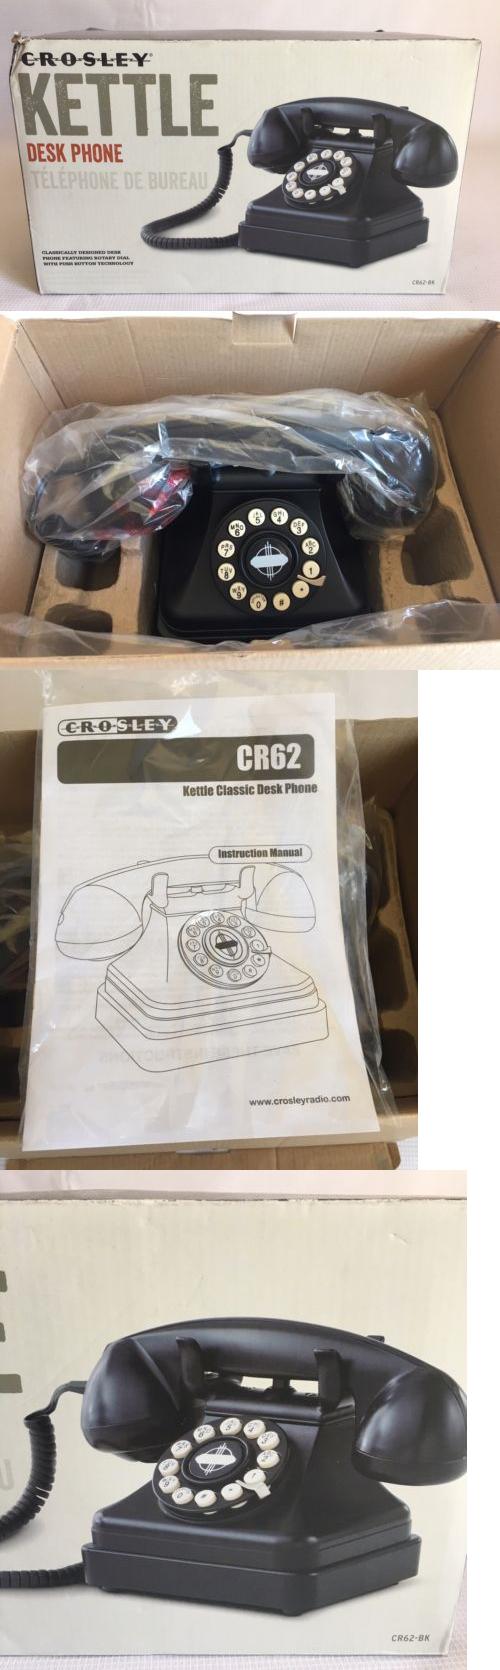 Corded Telephones Crosley Cr62 Bk Kettle Classic Push On Technology Desk Phone Black